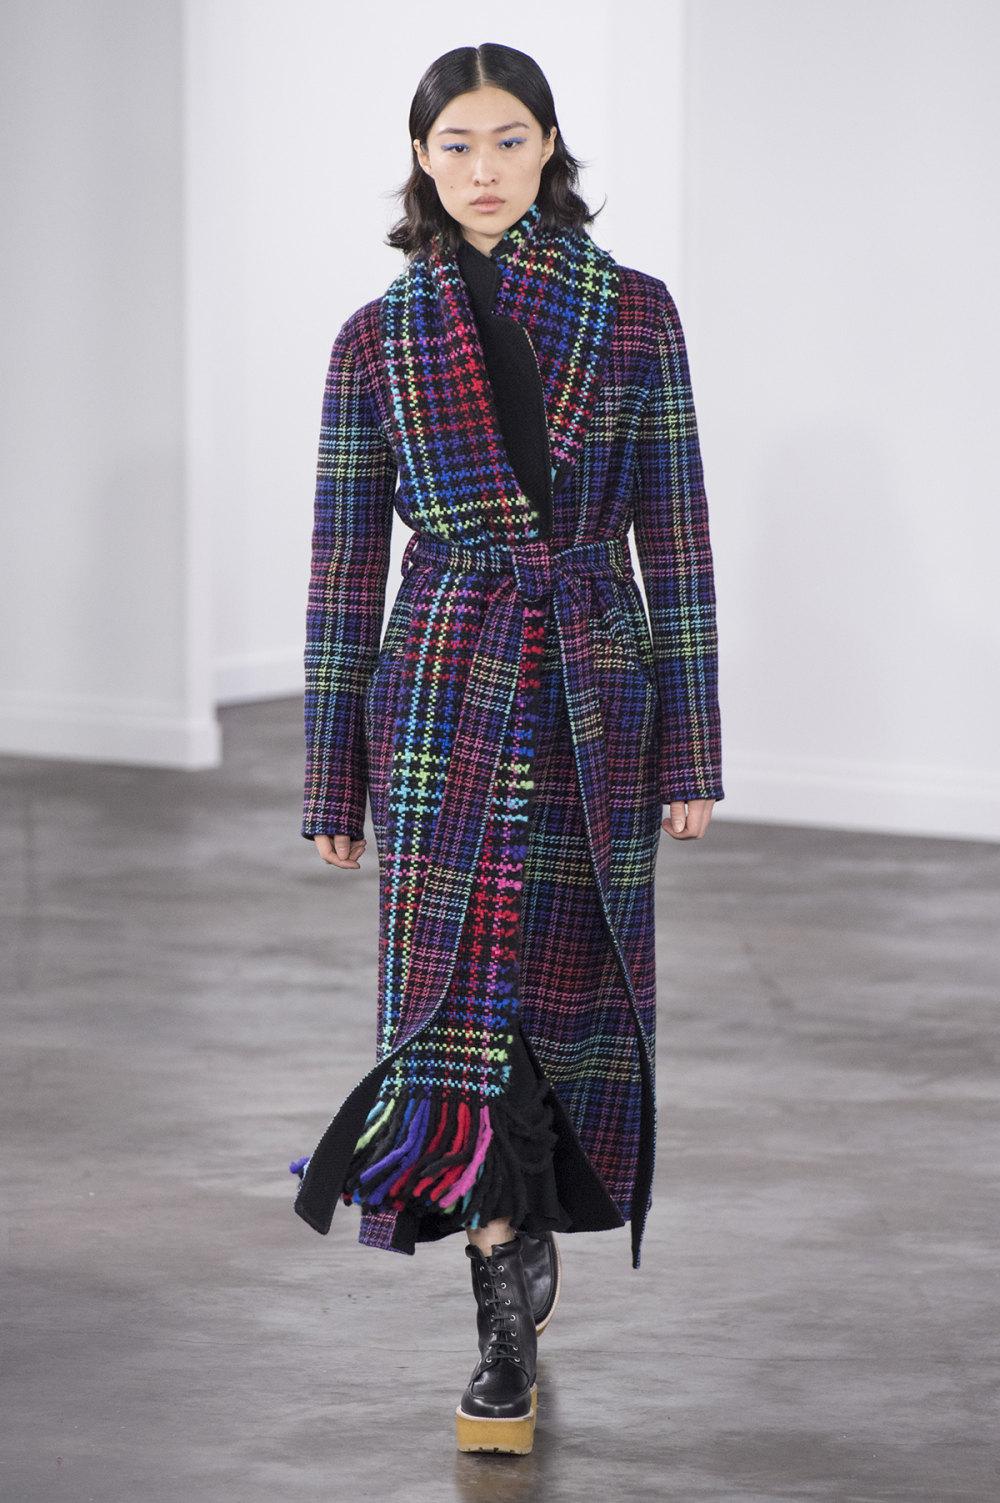 Gabriela Hearst时装系列细条纹西装和宽大毛衣之间形成鲜明对比-15.jpg